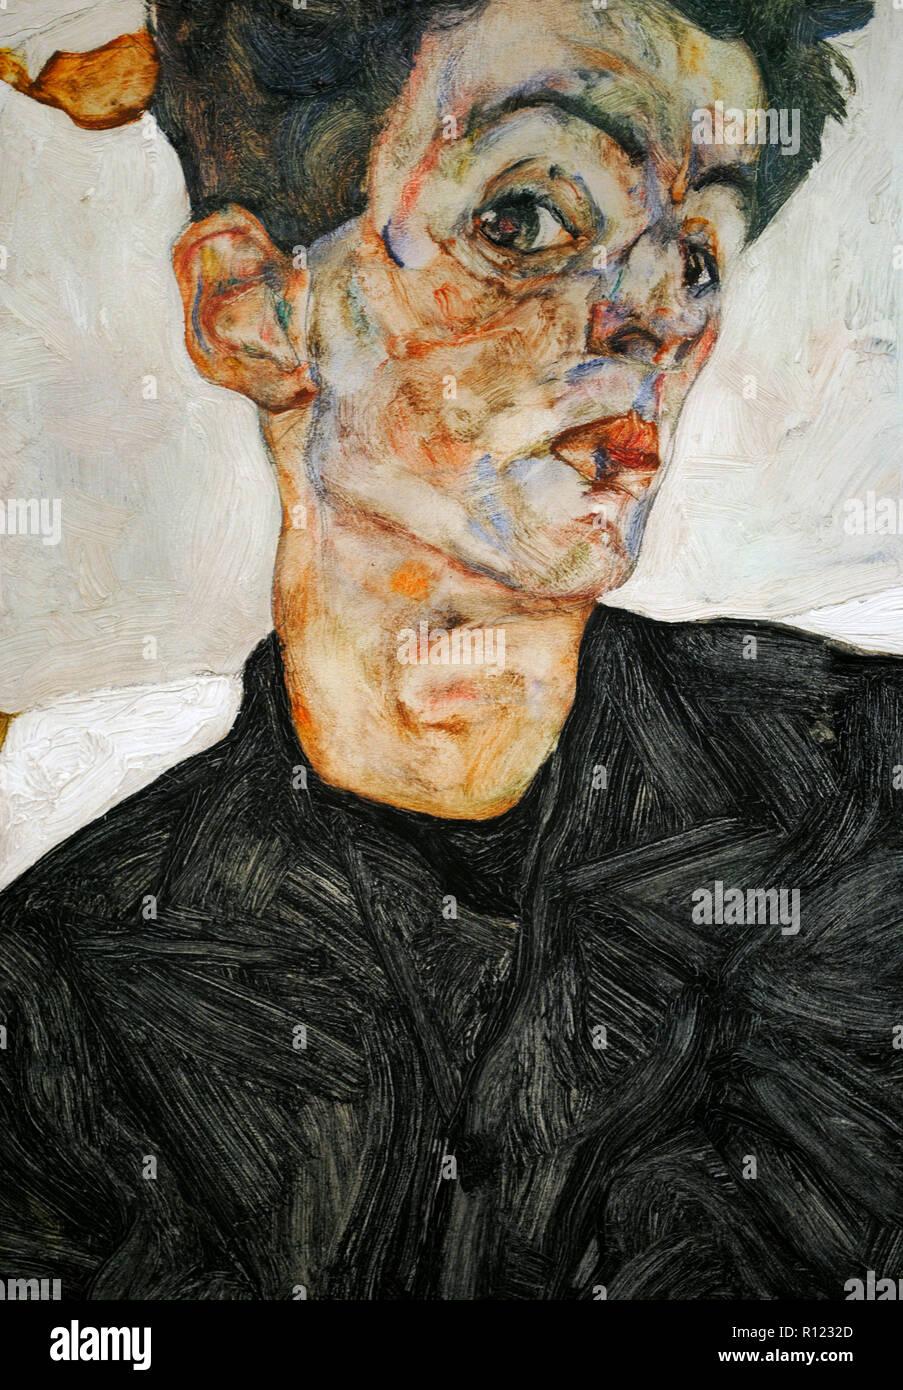 Egon Schiele (Tulln, 1890-Vienna, 1918). Austriaco pittore espressionista. Self-portrait cinese con impianto di Lanterna, 1912. 32,4 x 40,2 cm. Dettaglio. Olio e guazzi a bordo. Museo Leopold. Vienna, Austria. Immagini Stock